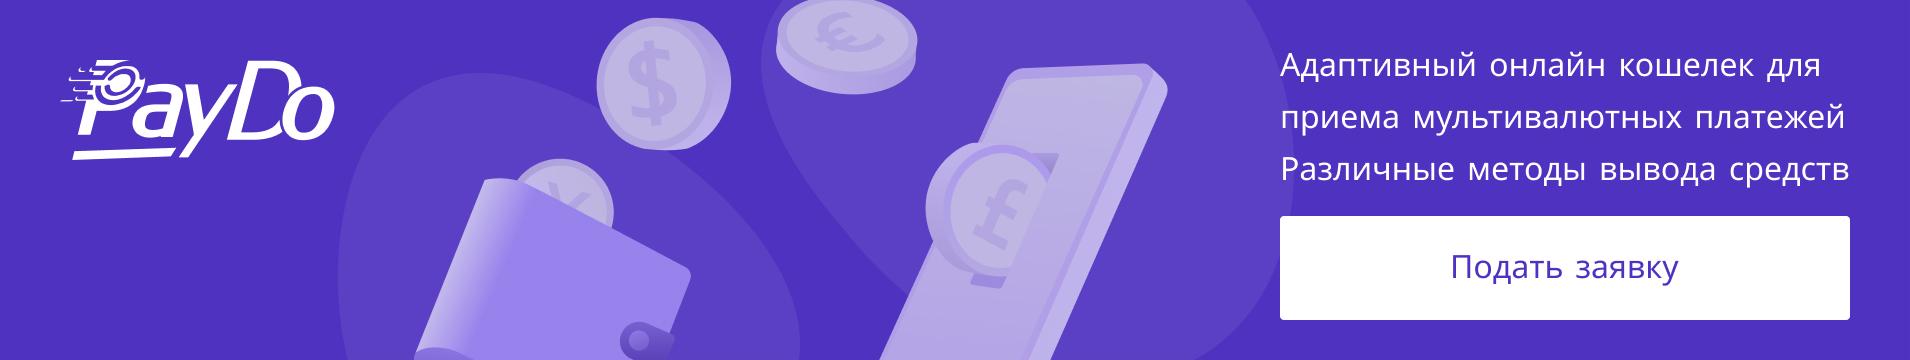 Адаптивный онлайн кошелек для приема мультивалютных платежей Различные методы вывода средств